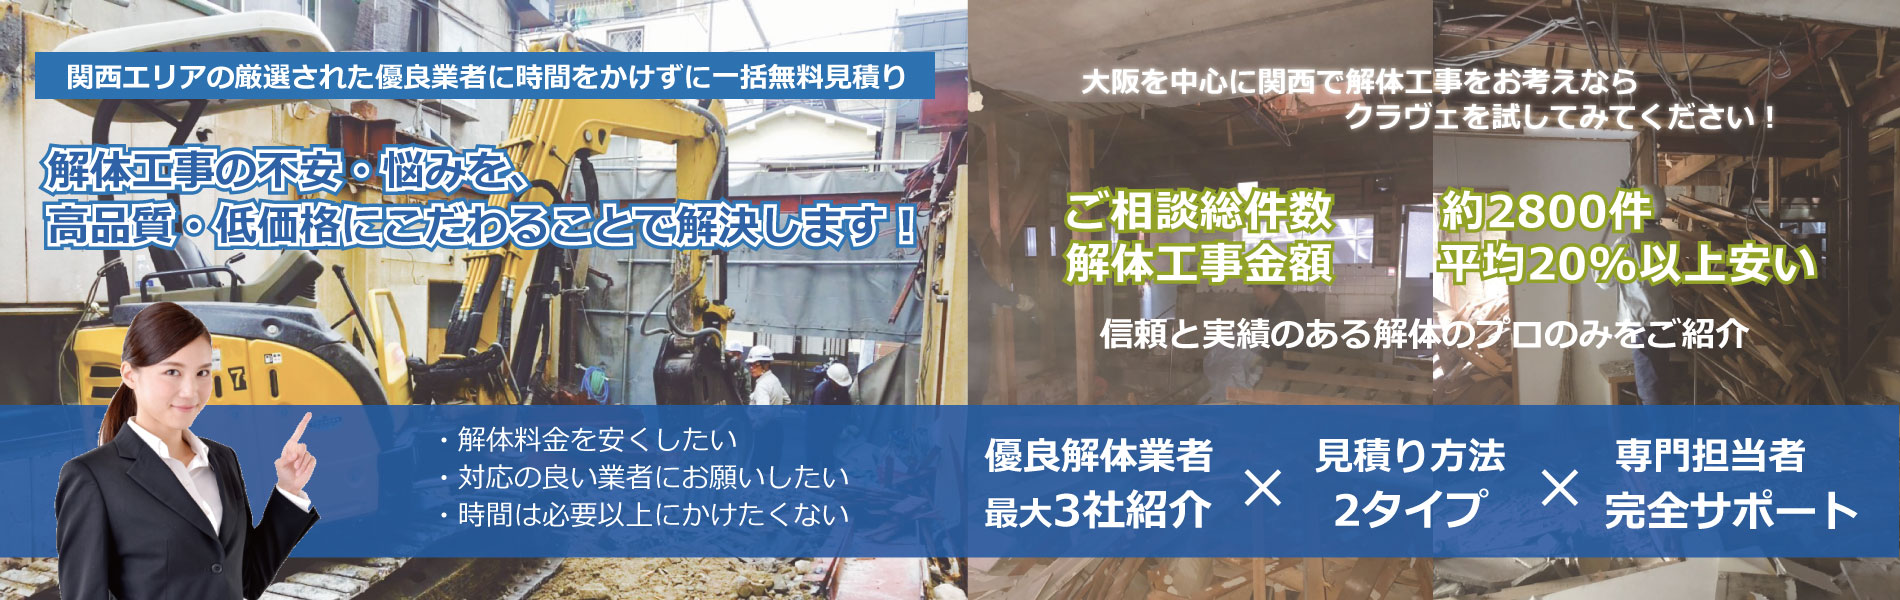 関西エリアの厳選された優良業者に時間をかけずに一括無料見積もり 解体工事の悩み・不安を「くらべる」ことで解決します!